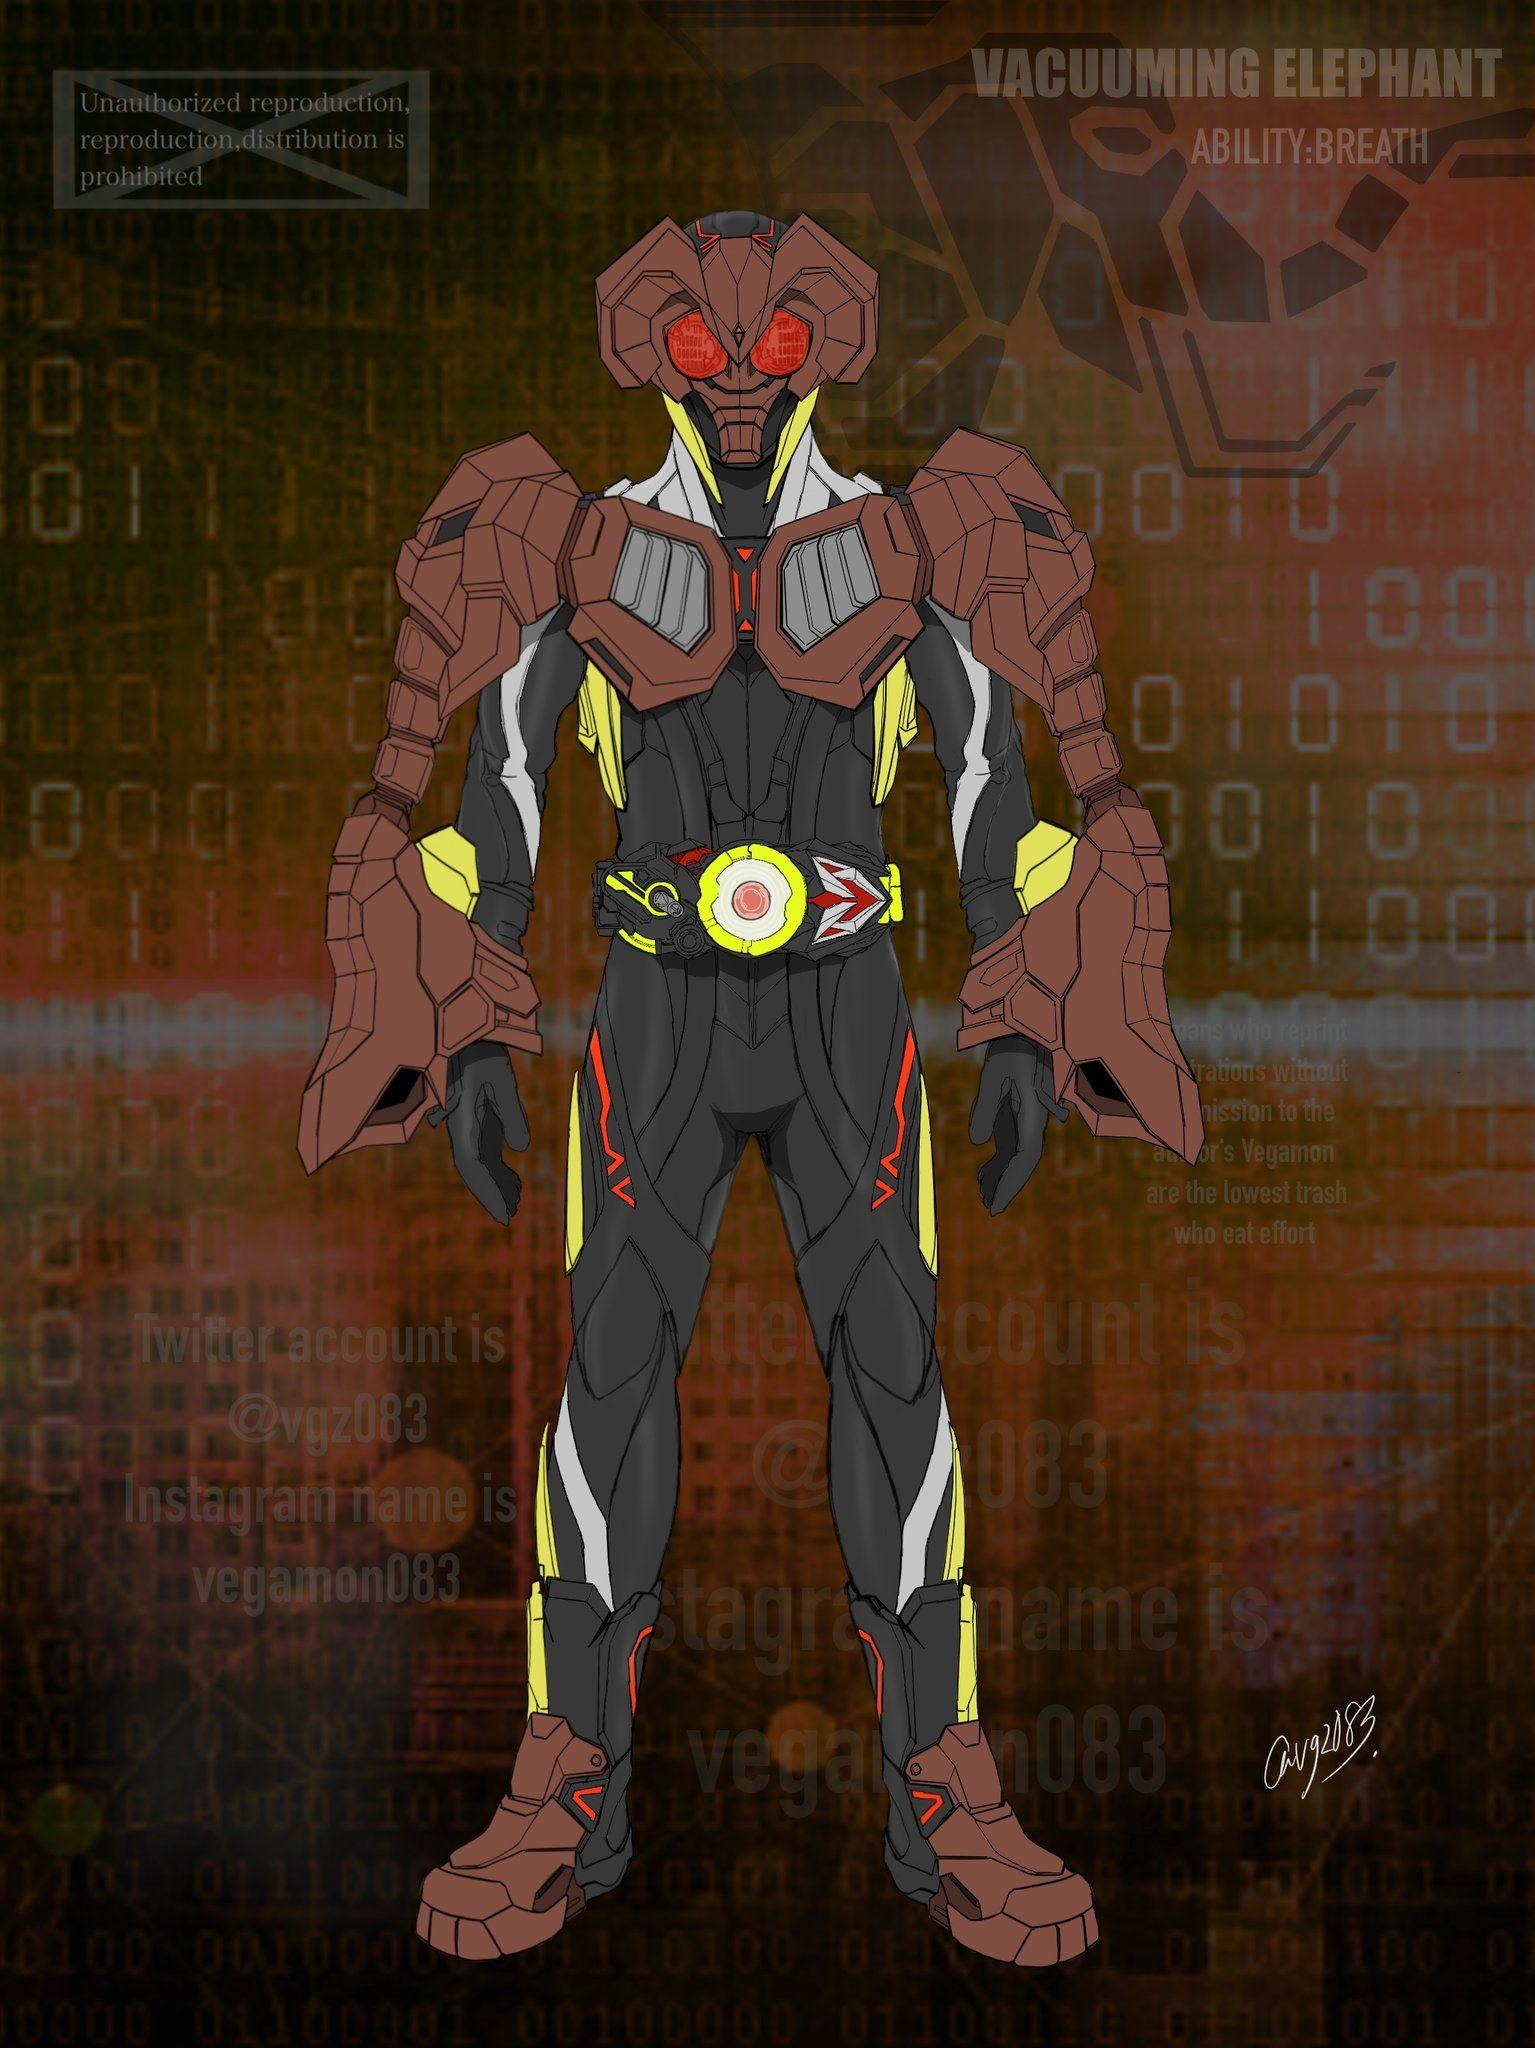 ベガもん on in 2020 Kamen rider series, Kamen rider, Rider